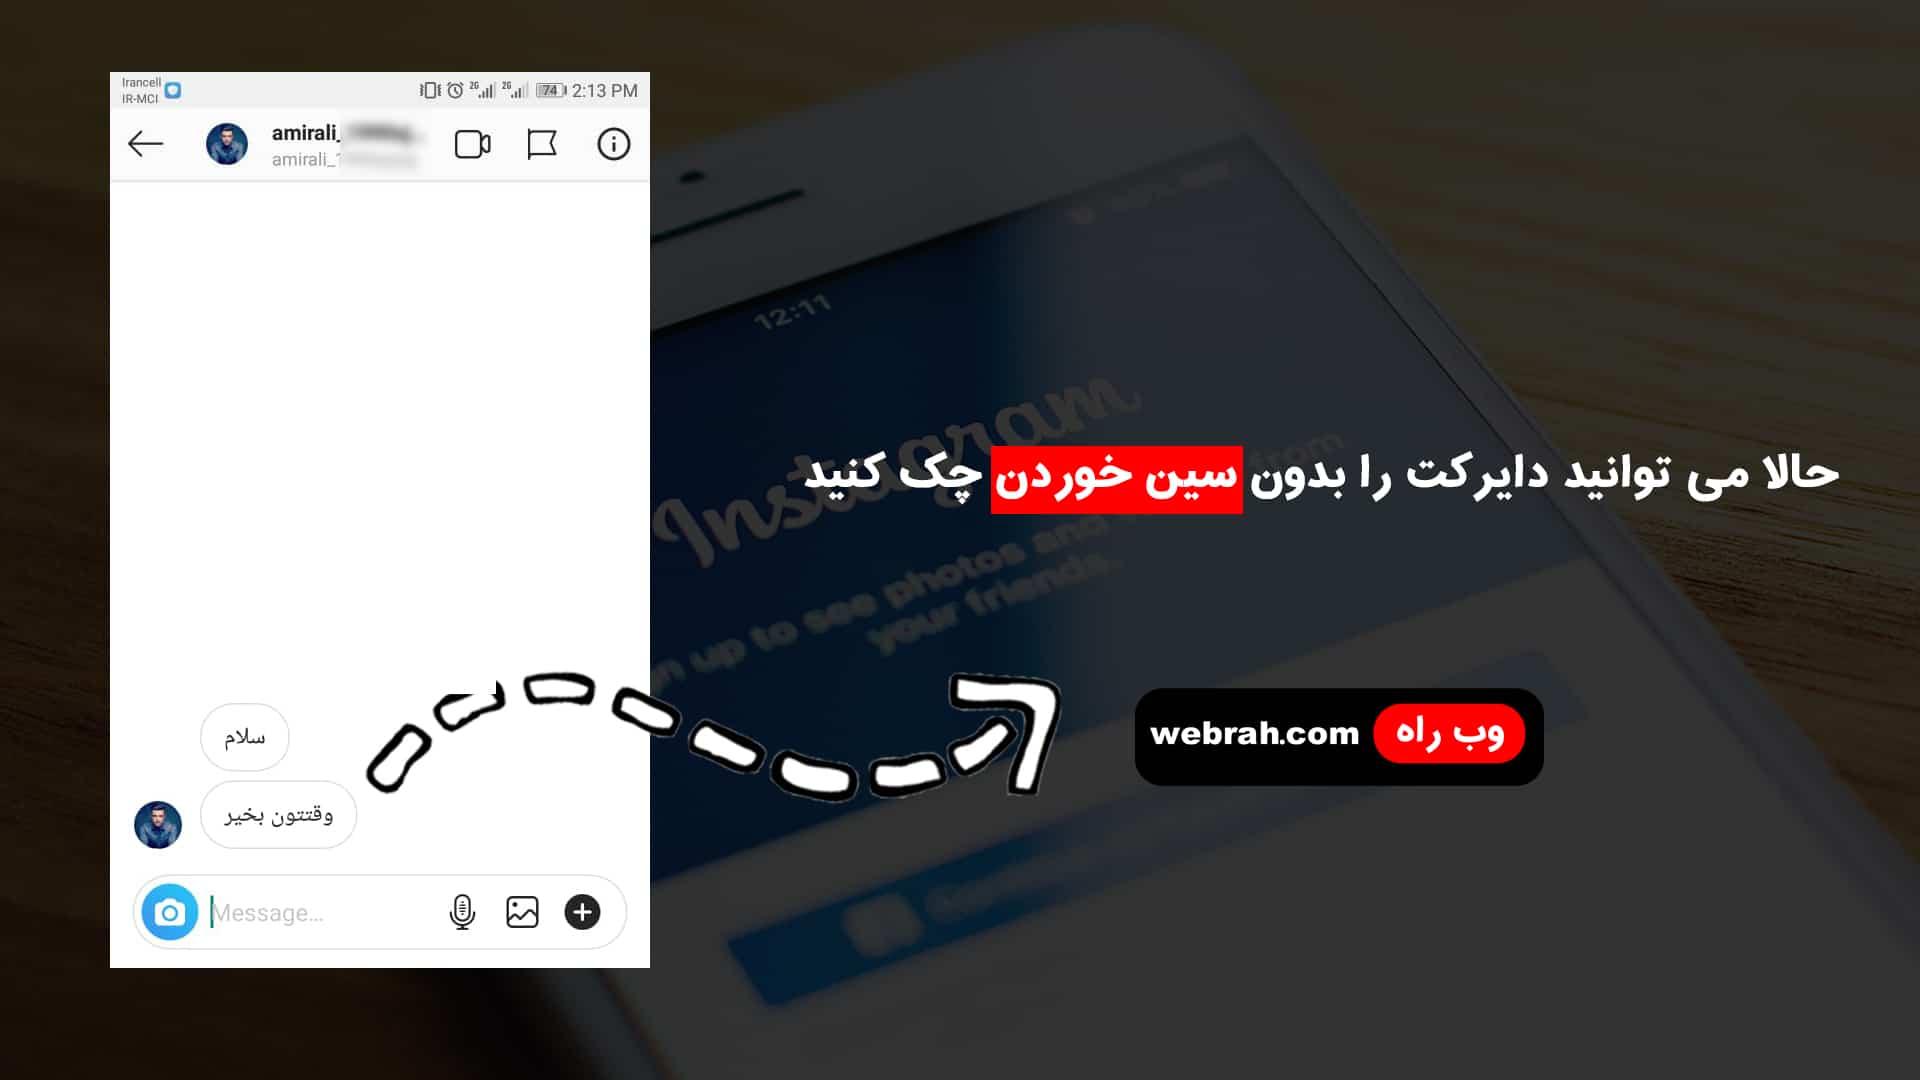 خواندن-پیام-خصوصی-دایرکت-اینستاگرام-بدون-سین-خوردن